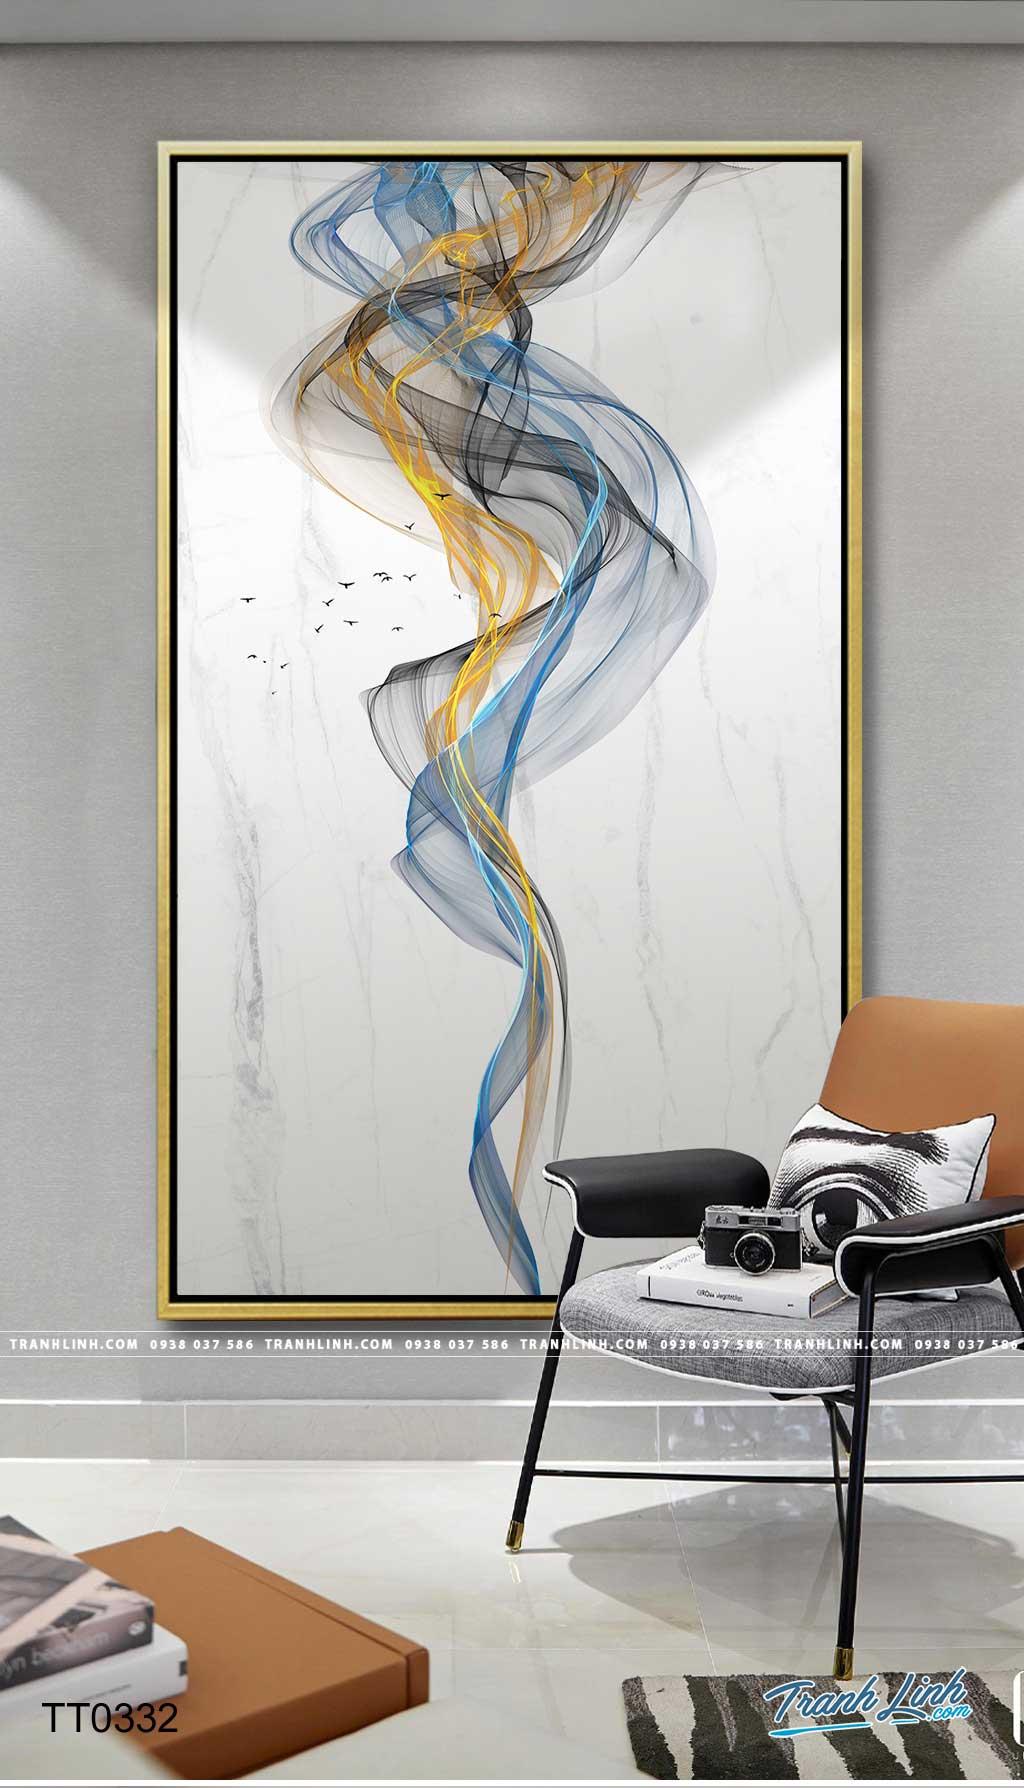 Bo tranh Canvas treo tuong trang tri phong khach truu tuong TT0332